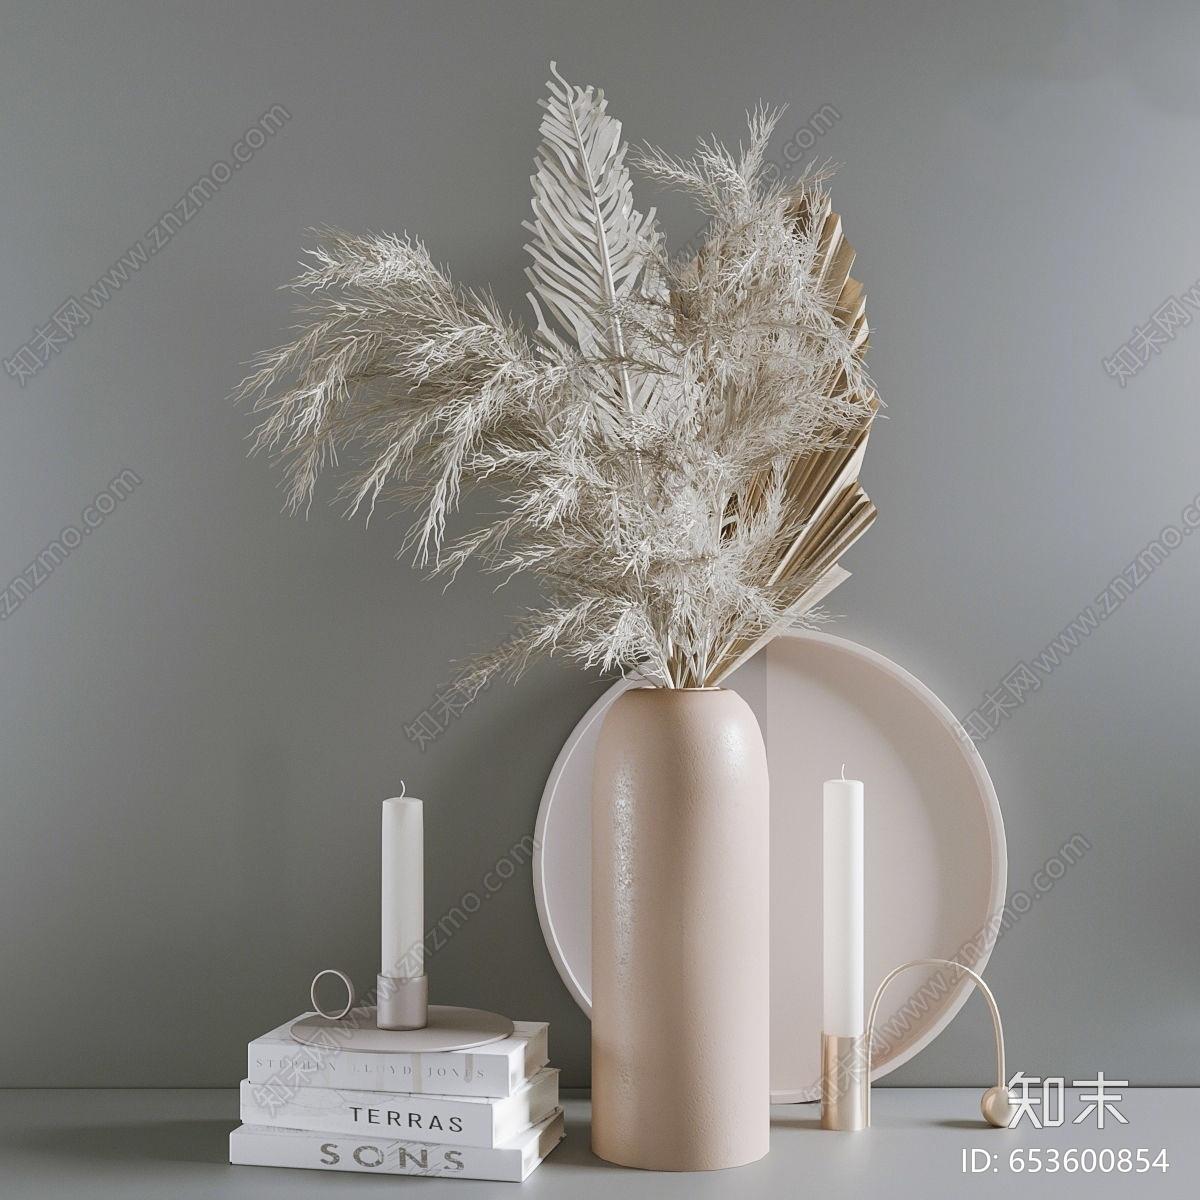 现代芦苇花瓶 书 蜡烛 装饰品组合